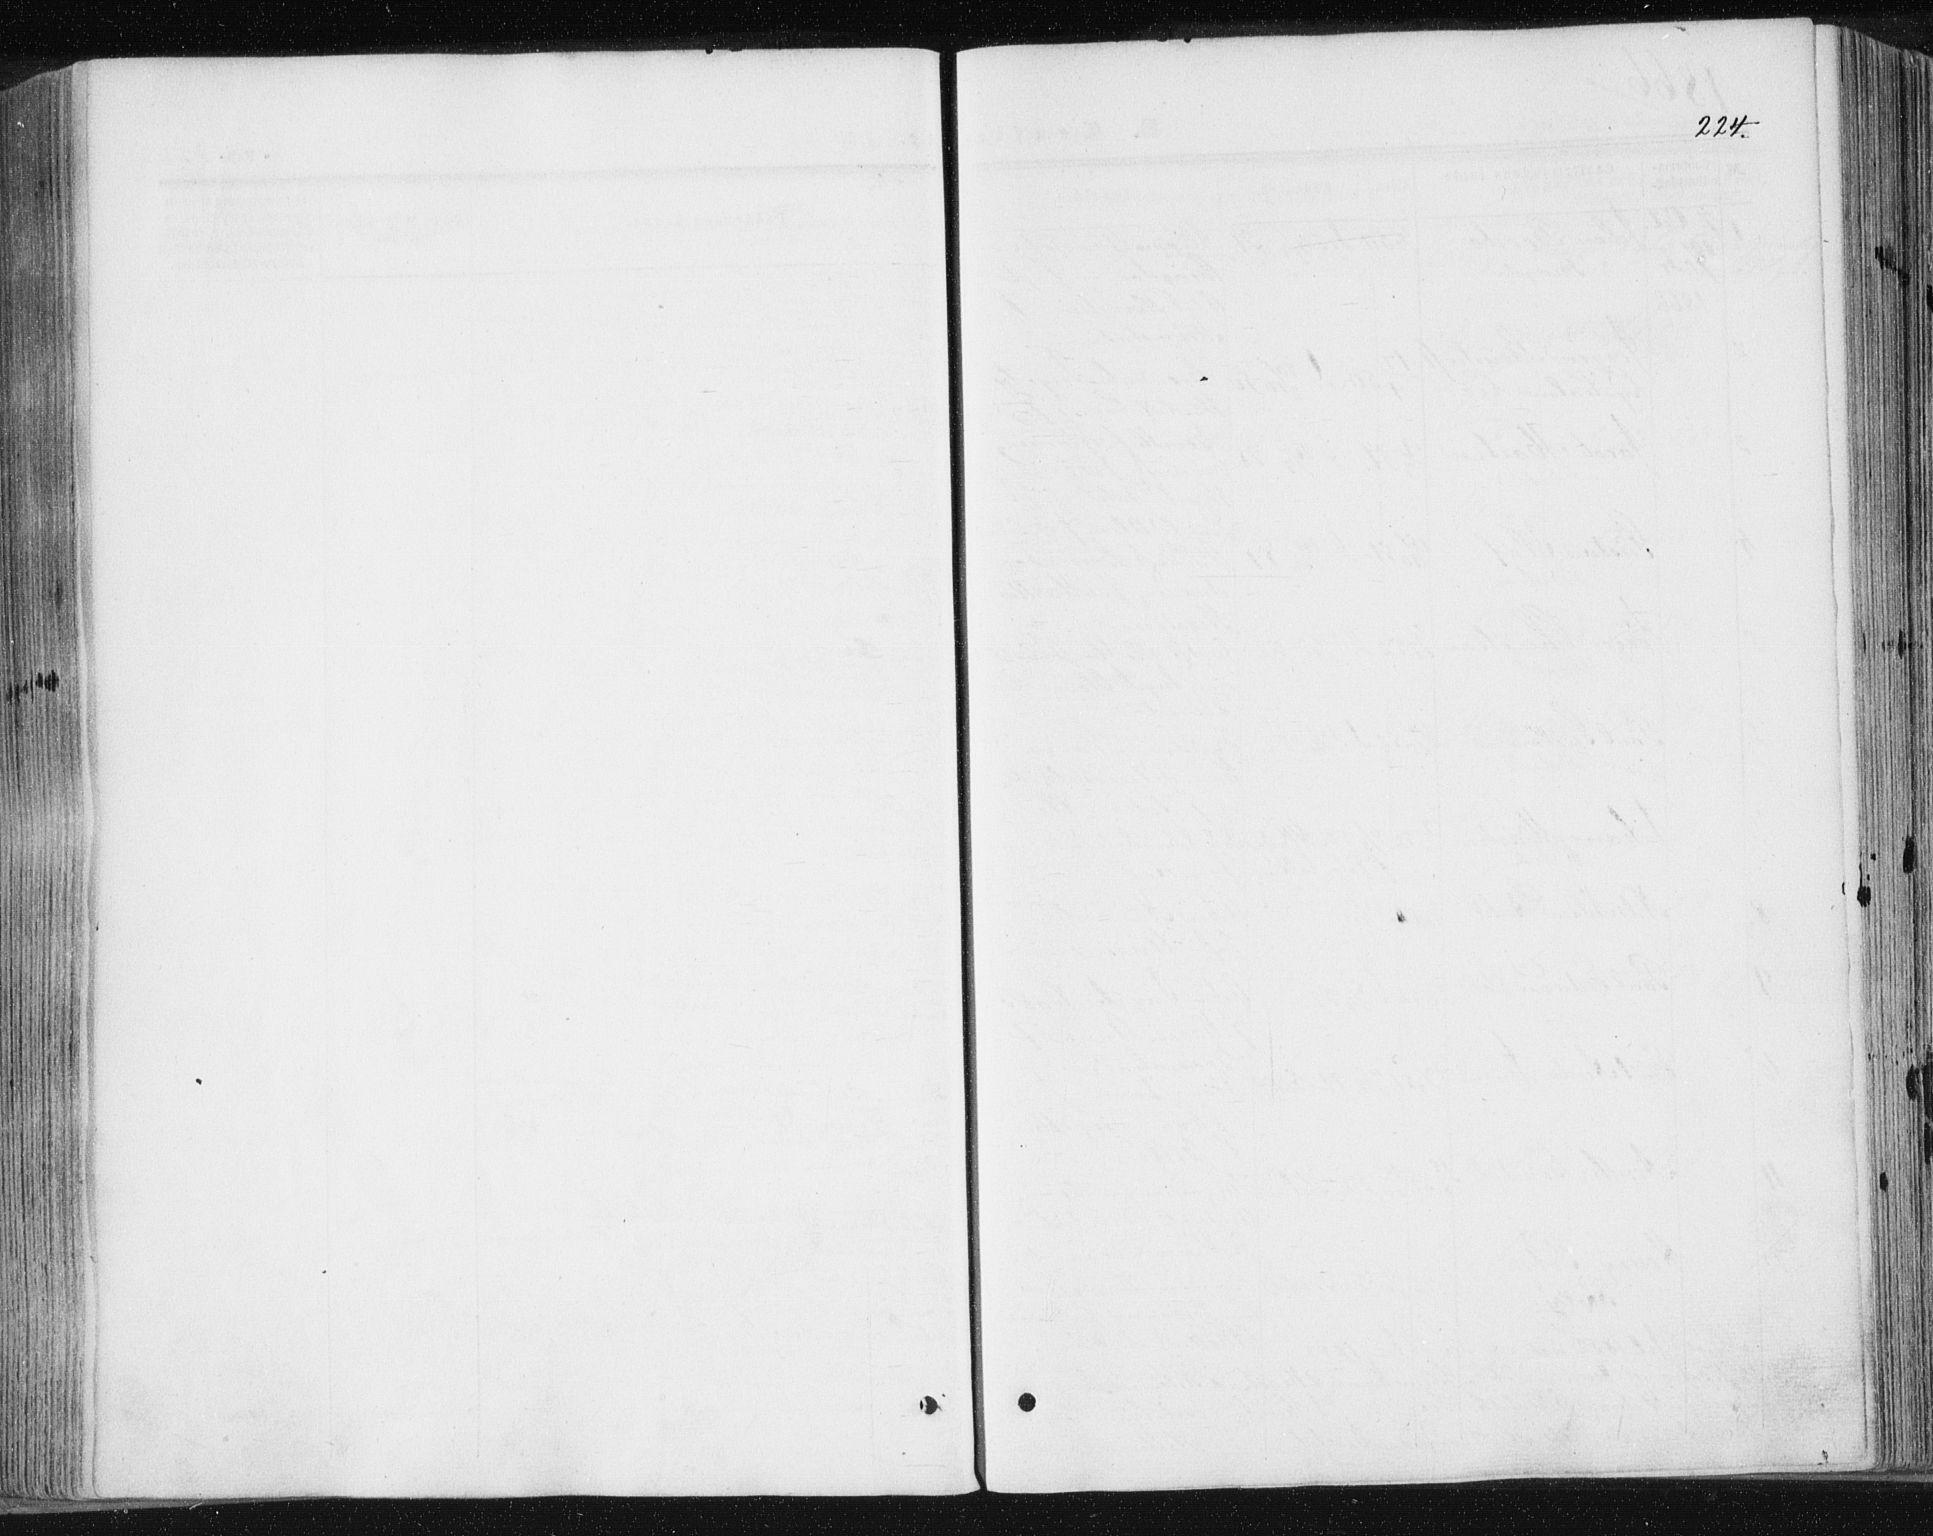 SAT, Ministerialprotokoller, klokkerbøker og fødselsregistre - Sør-Trøndelag, 602/L0115: Ministerialbok nr. 602A13, 1860-1872, s. 224